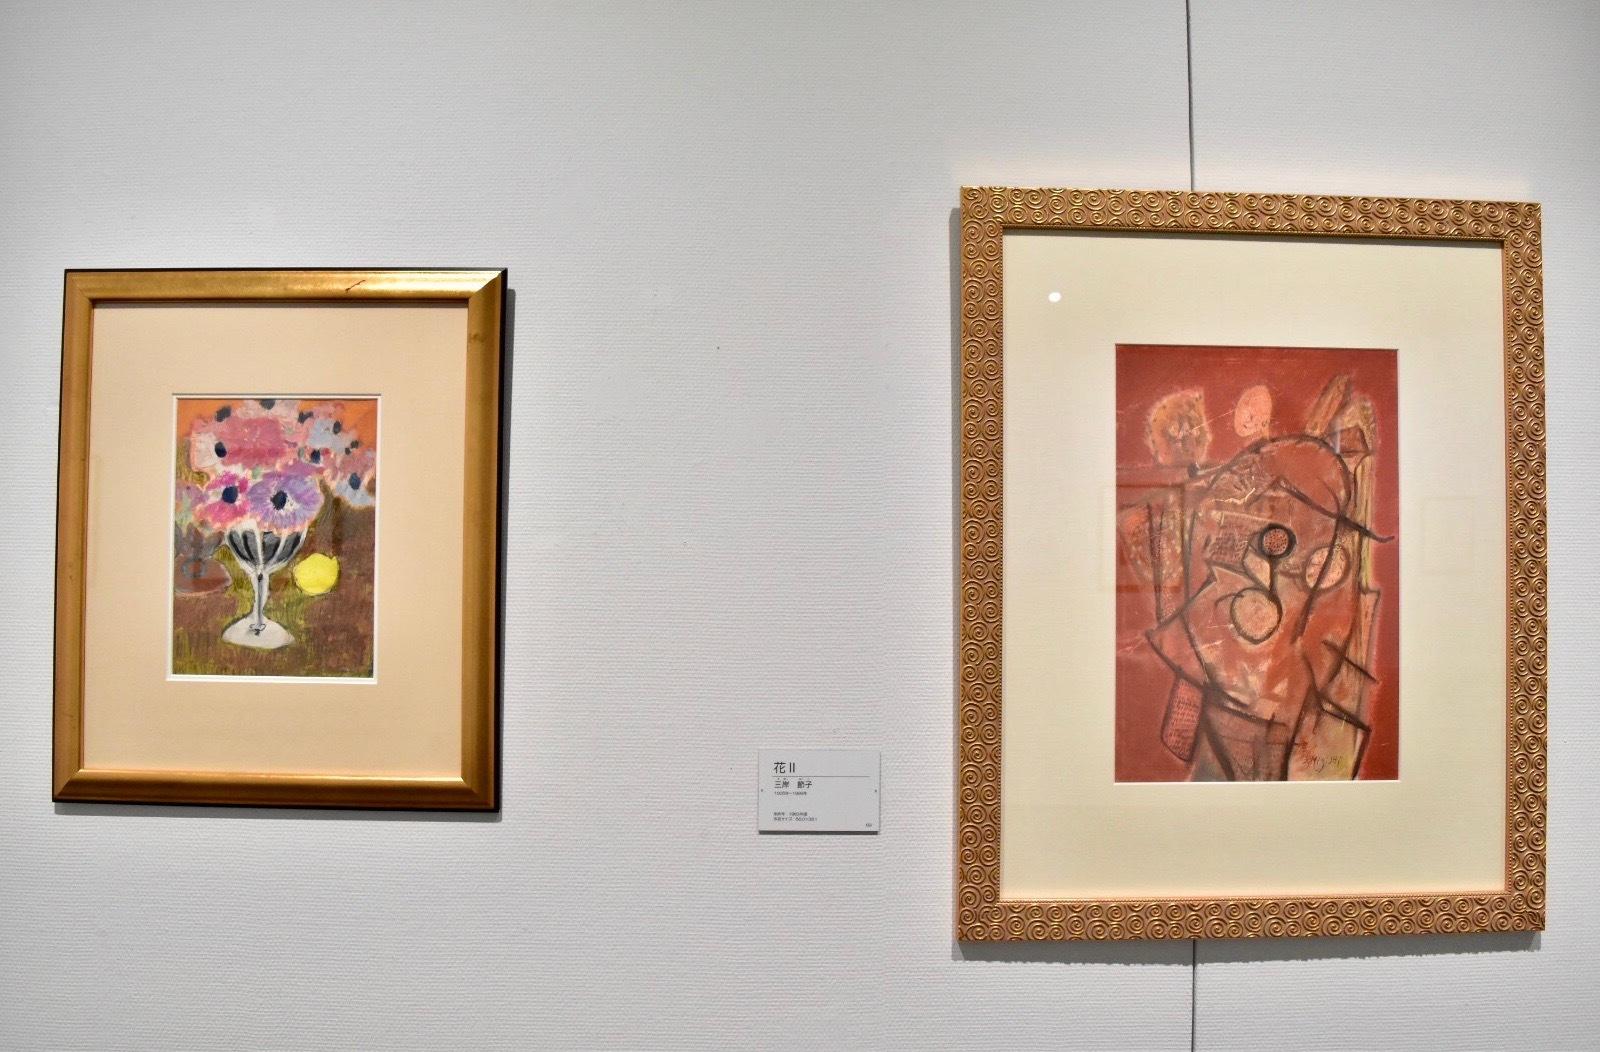 左:三岸節子 《花Ⅰ》1940年頃 右:三岸節子 《花Ⅱ》1963年頃